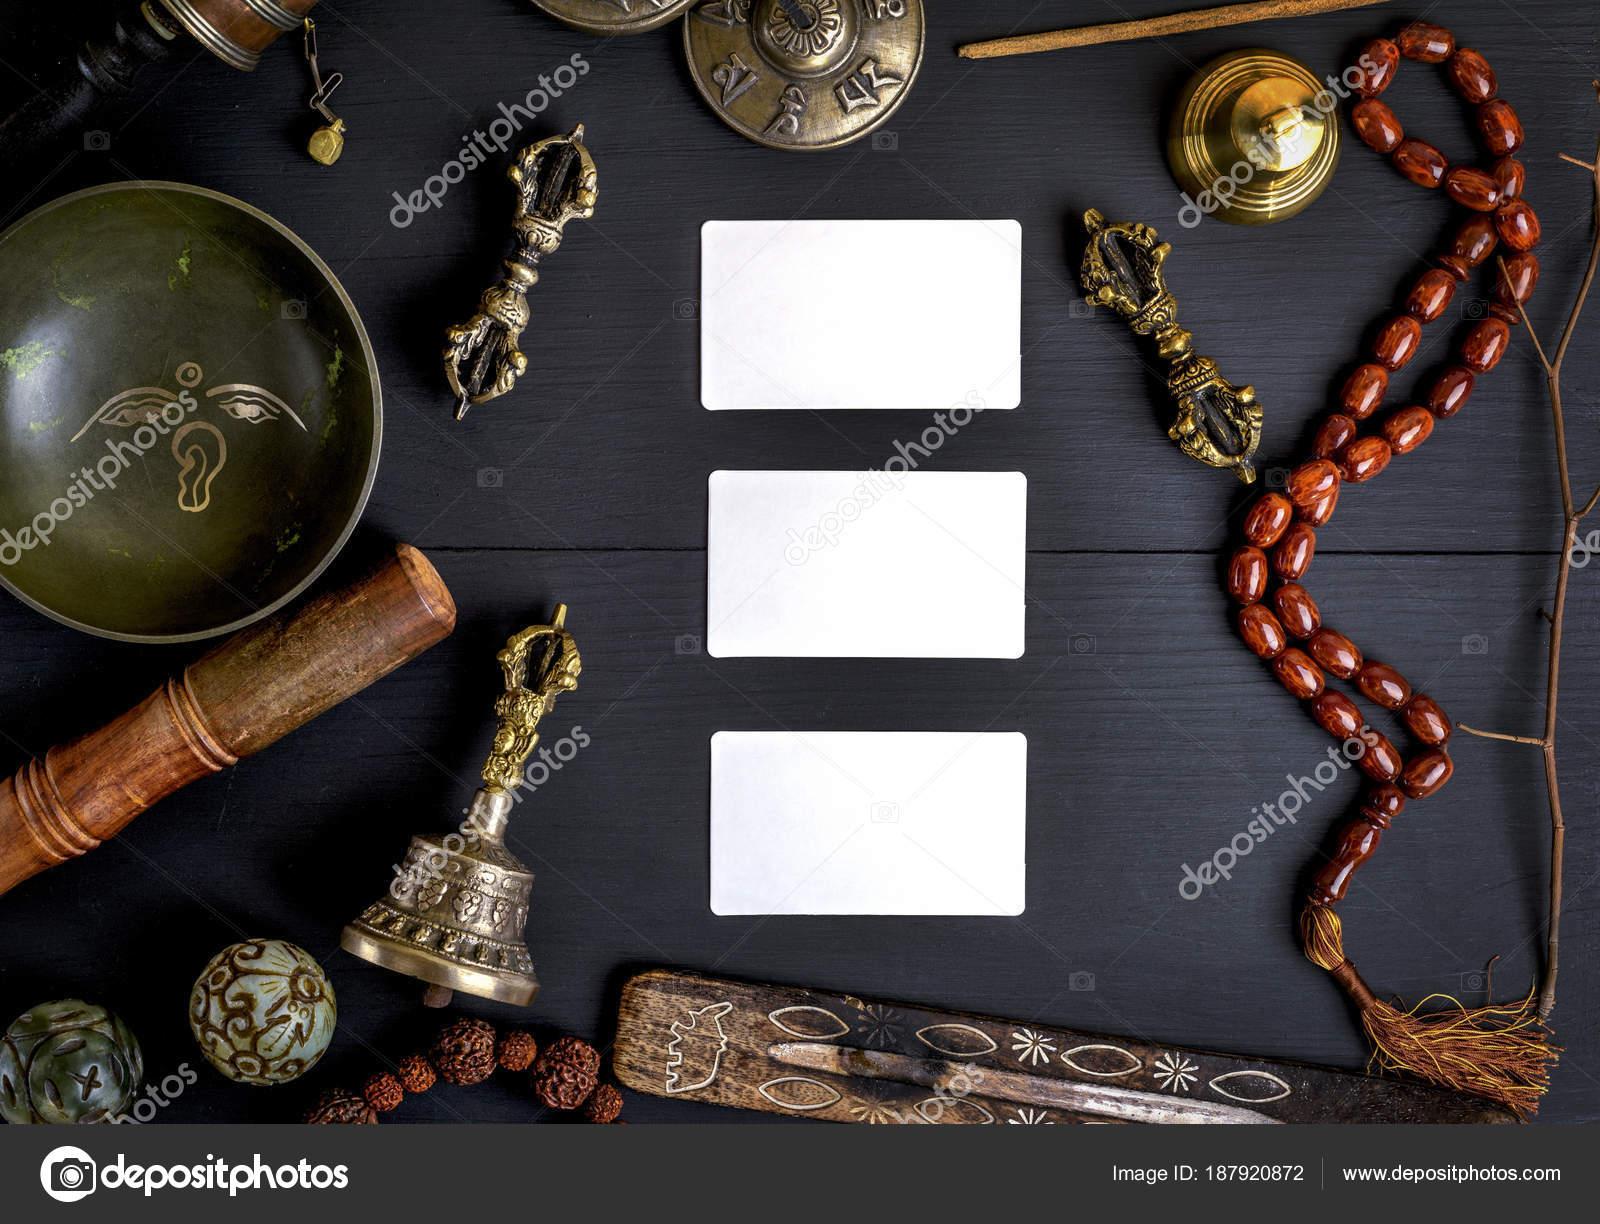 Cartes De Visite Blanches Vides Au Milieu Des Objectifs Religieux Asiatique Images Stock Libres Droits